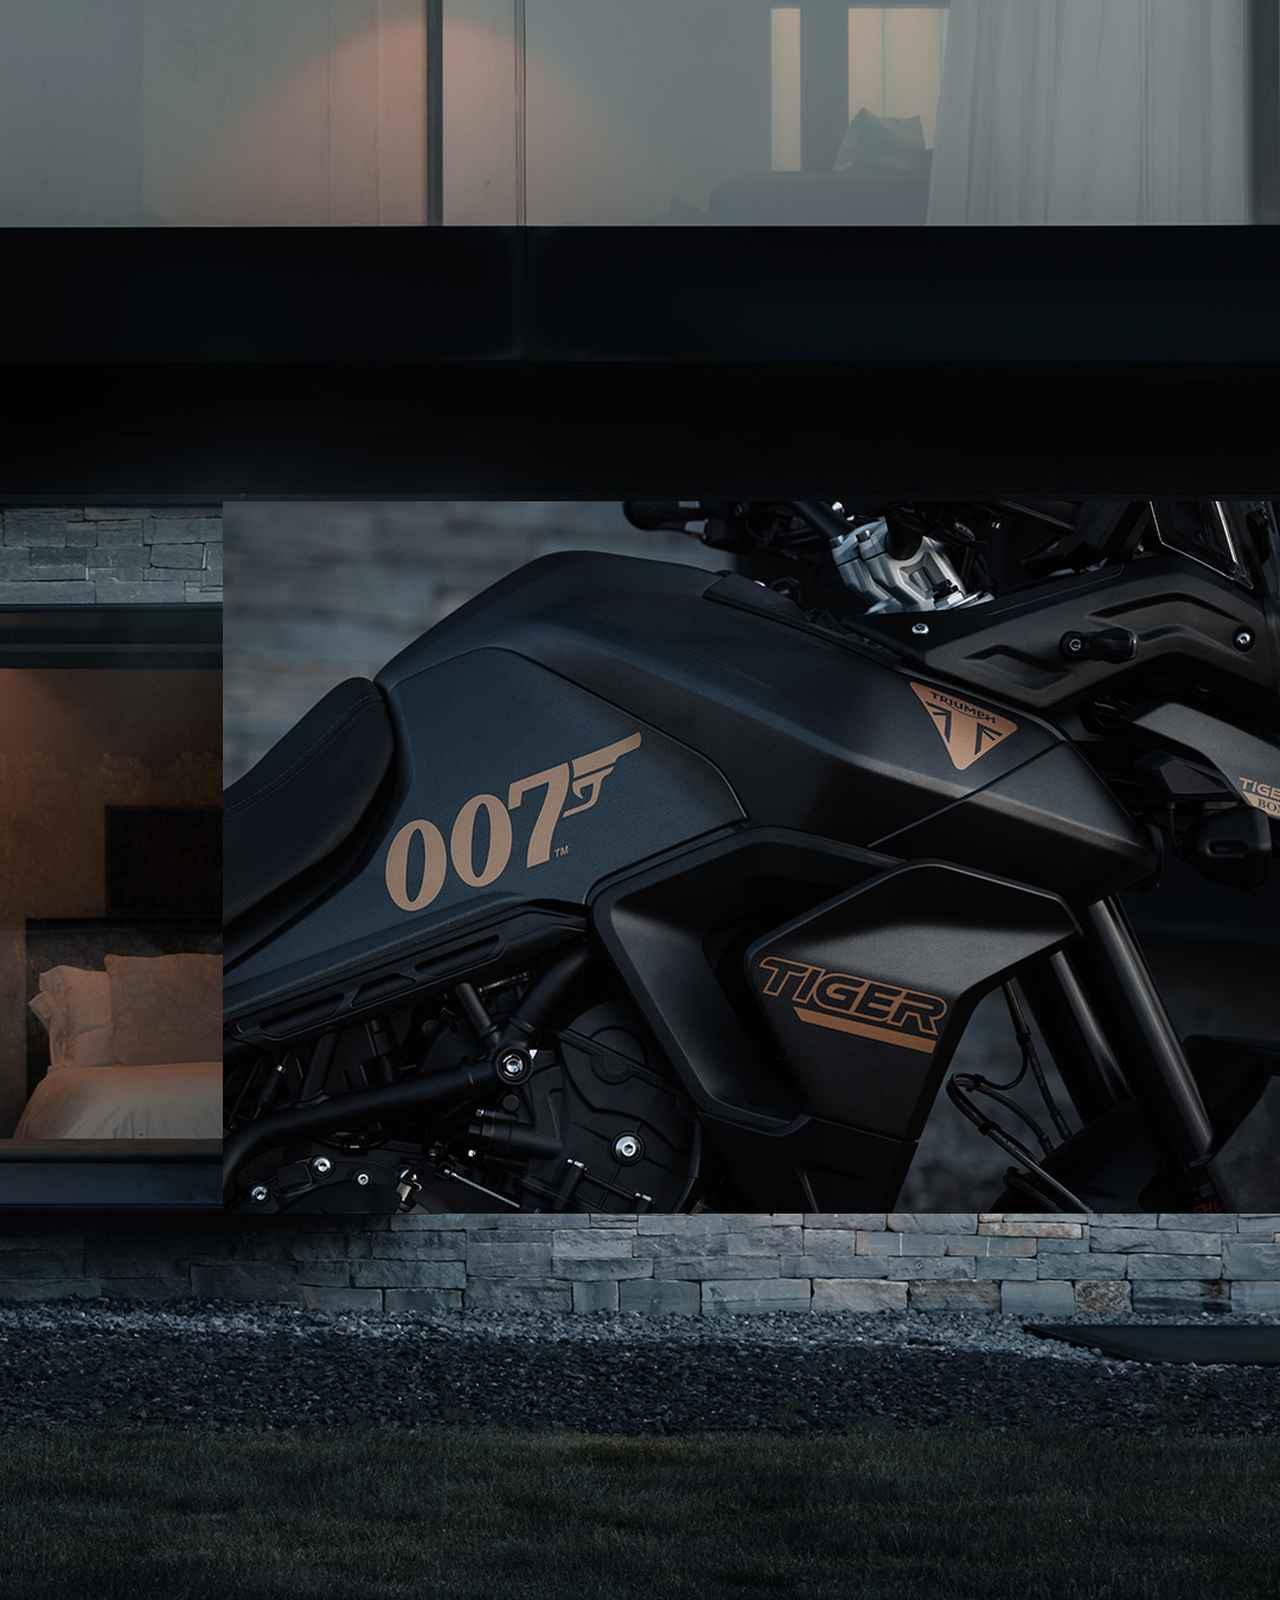 画像3: トライアンフから限定モデル「TIGER 900 BOND EDITION」登場